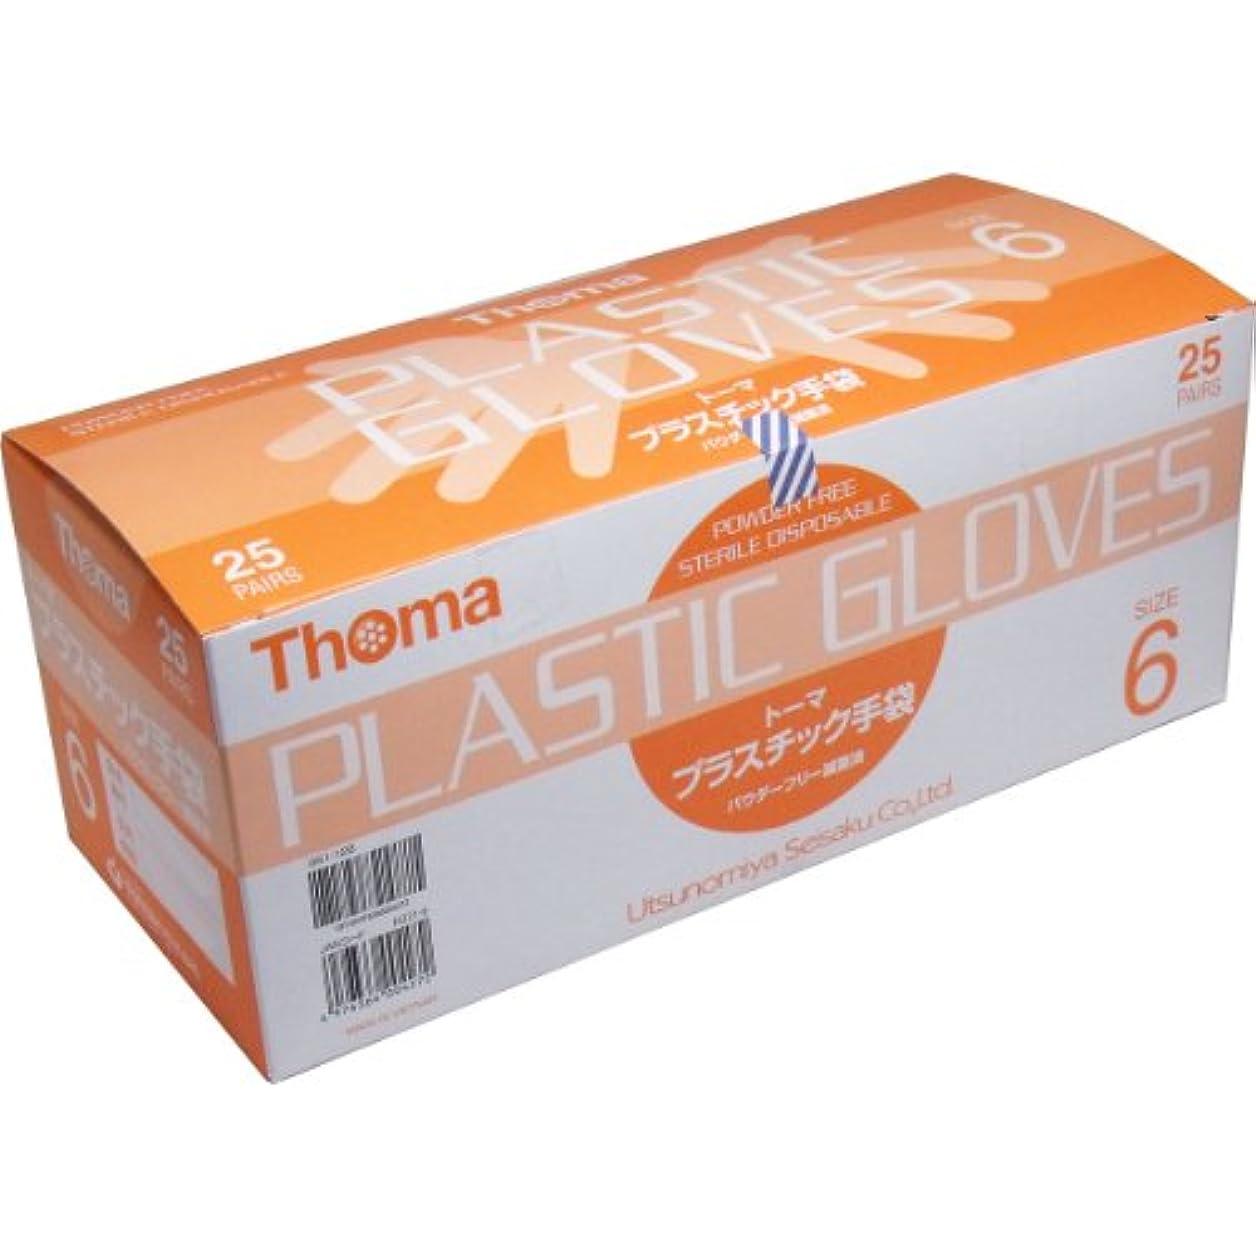 なだめる興奮頑固なトーマ プラスチック手袋 パウダーフリー 滅菌済 サイズ6 25双入